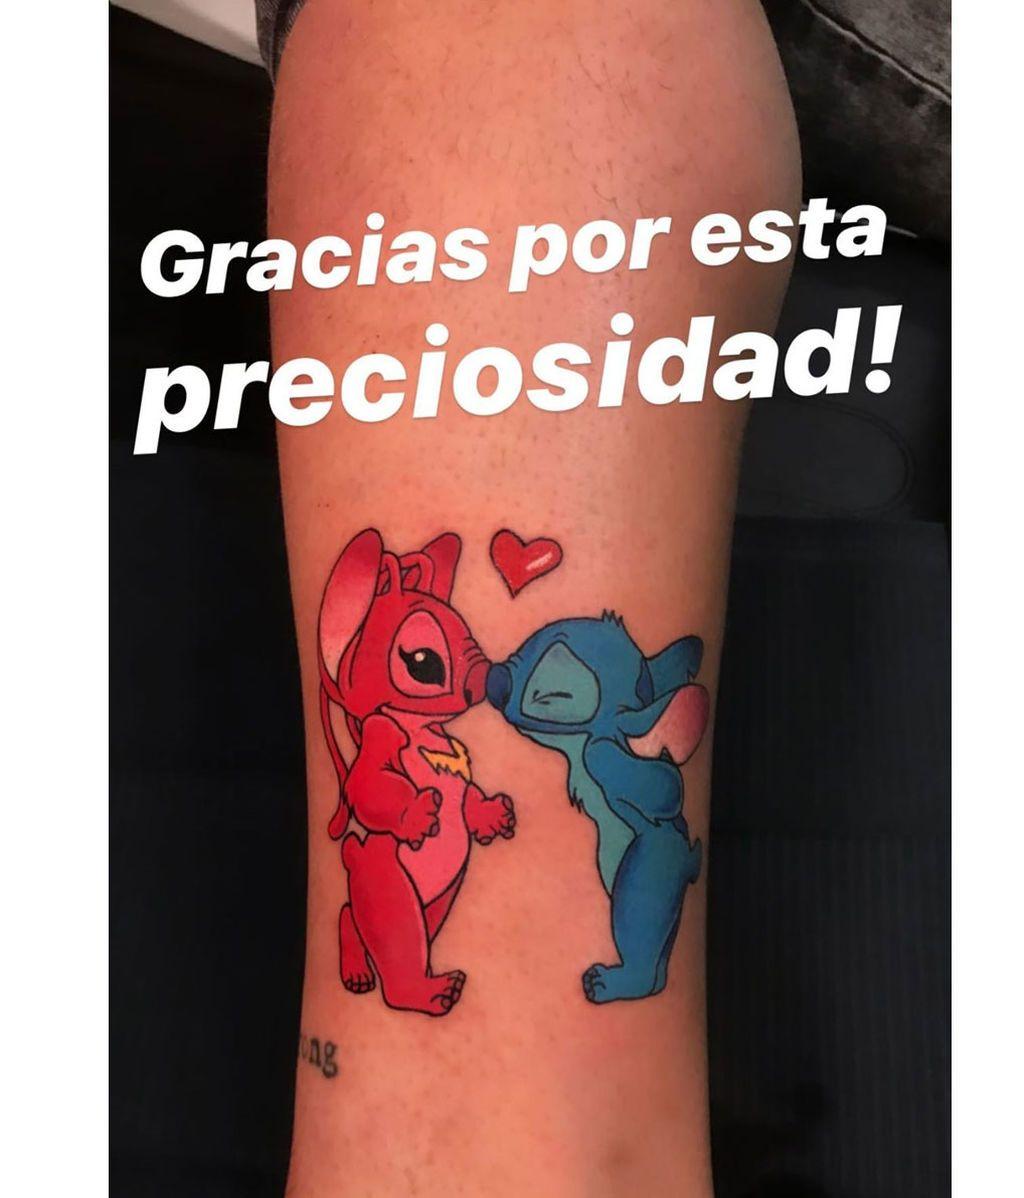 El nuevo tatuaje de Álex Bueno